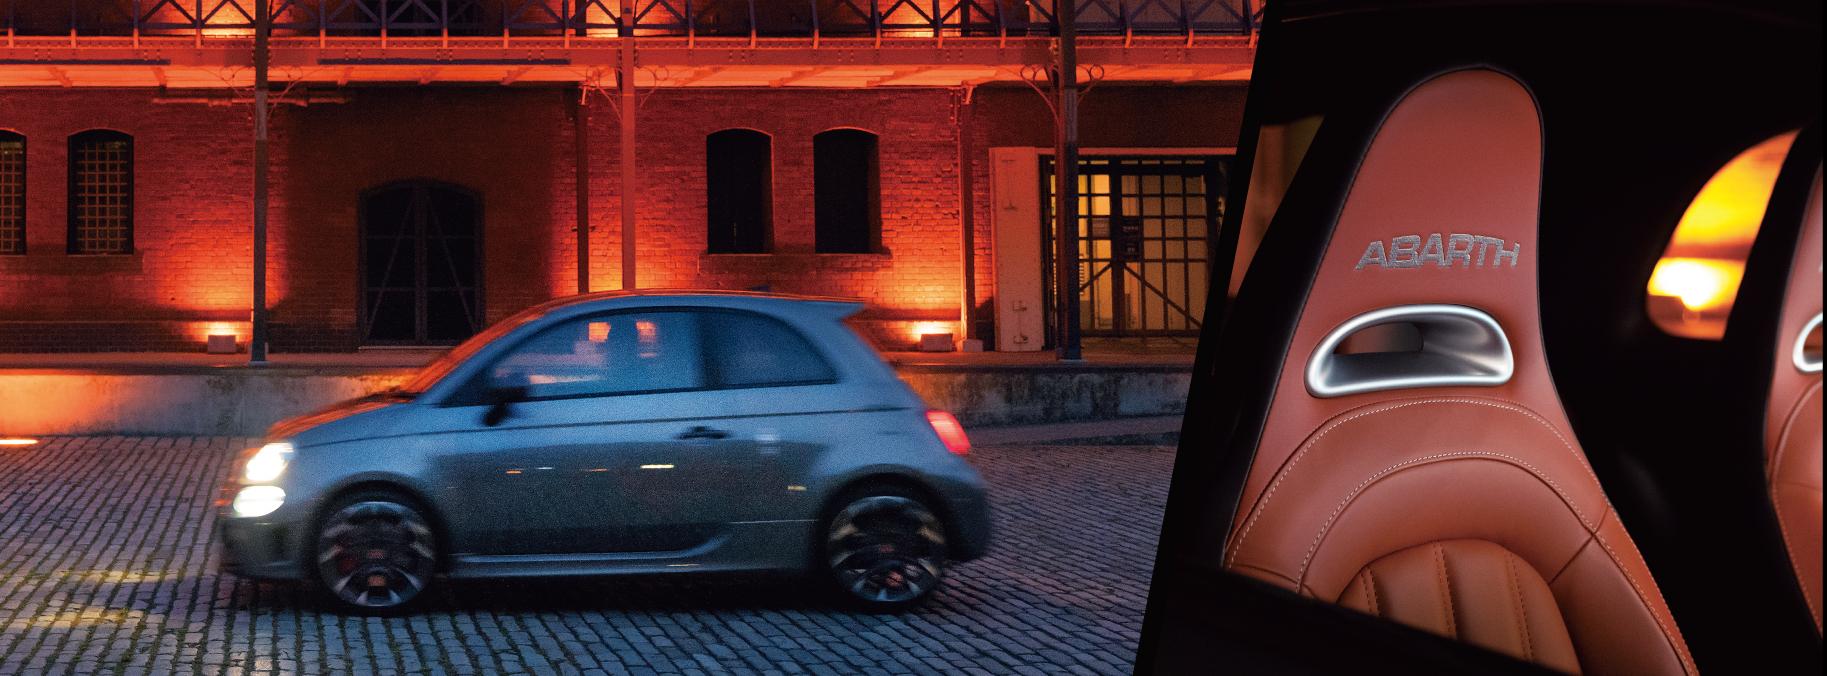 軽自動車ではなく超小型自動車|職住隣接物語 www.ngsw.net